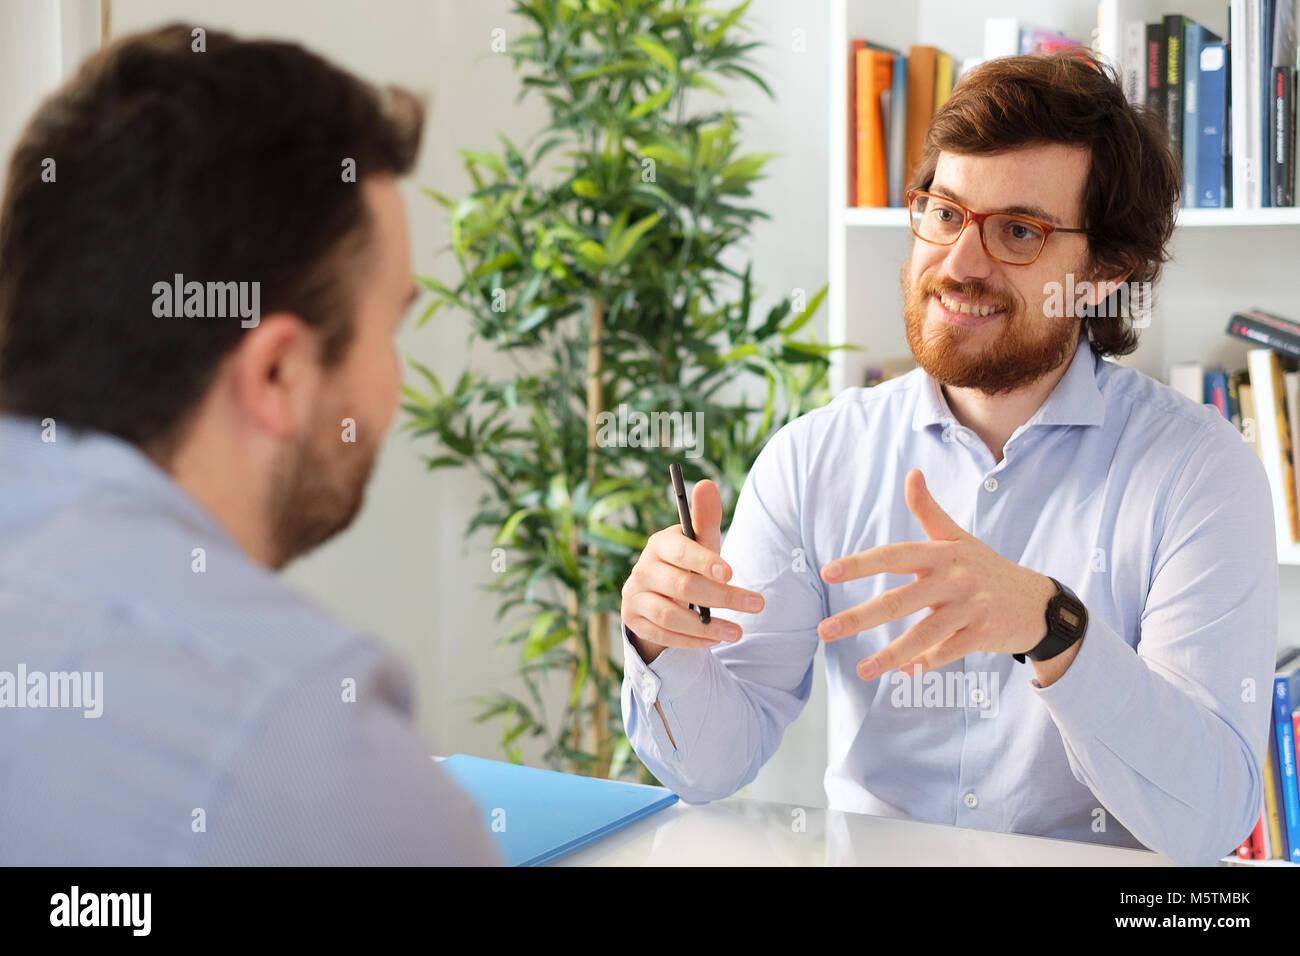 Männliche Geschäftsmann Interviews potenzielle Mitarbeiter Stockbild